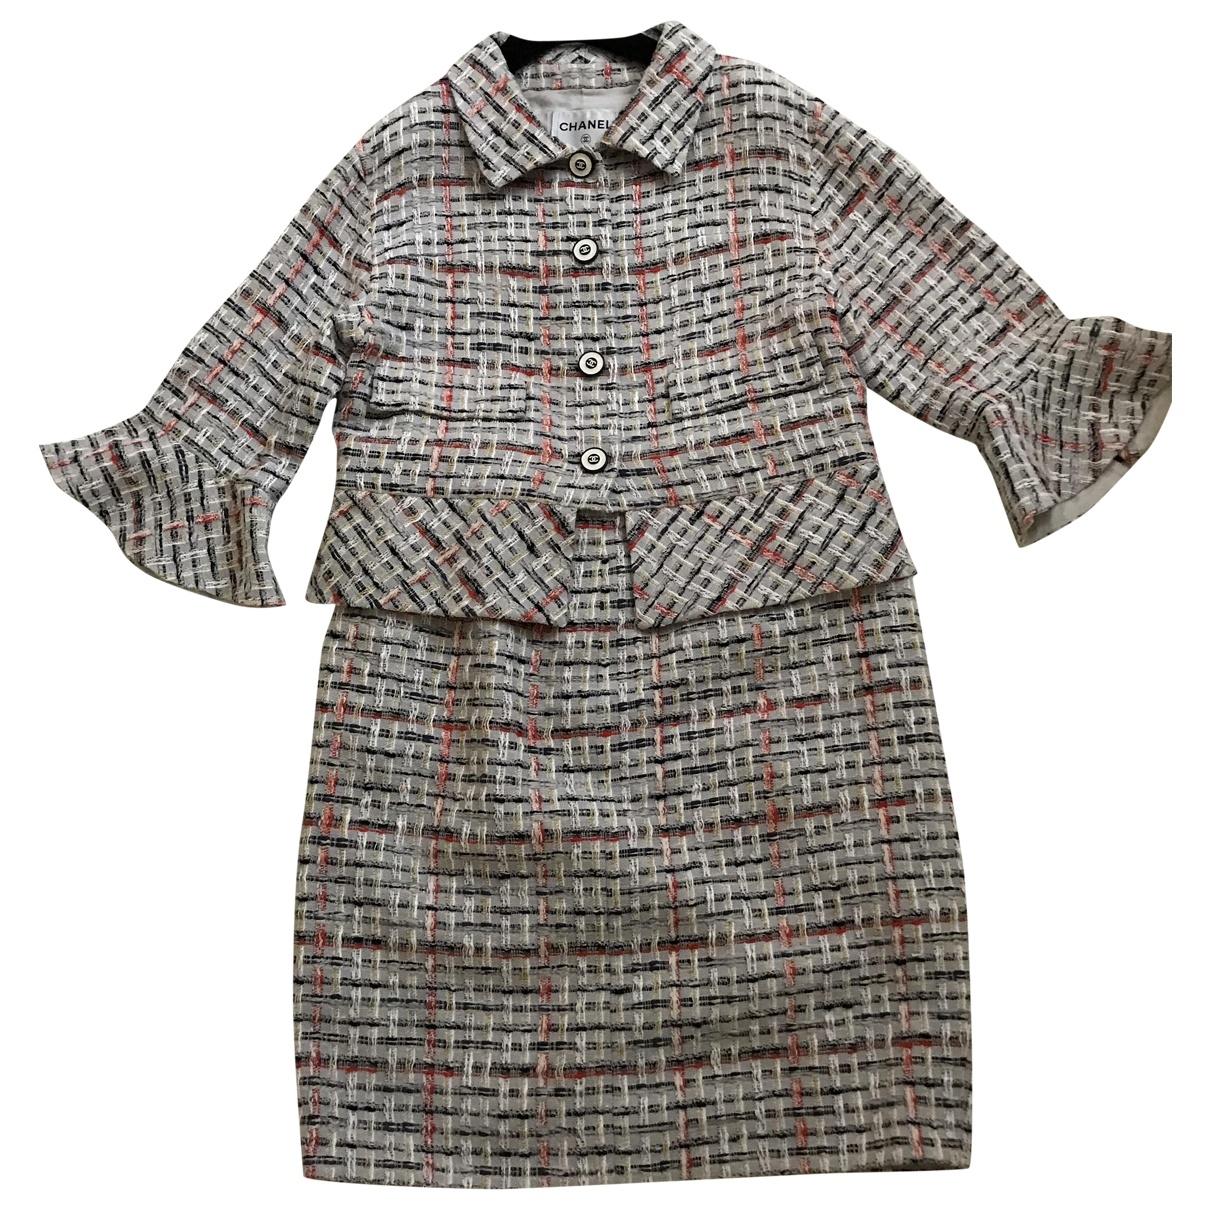 Chanel \N Jacke in  Grau Tweed